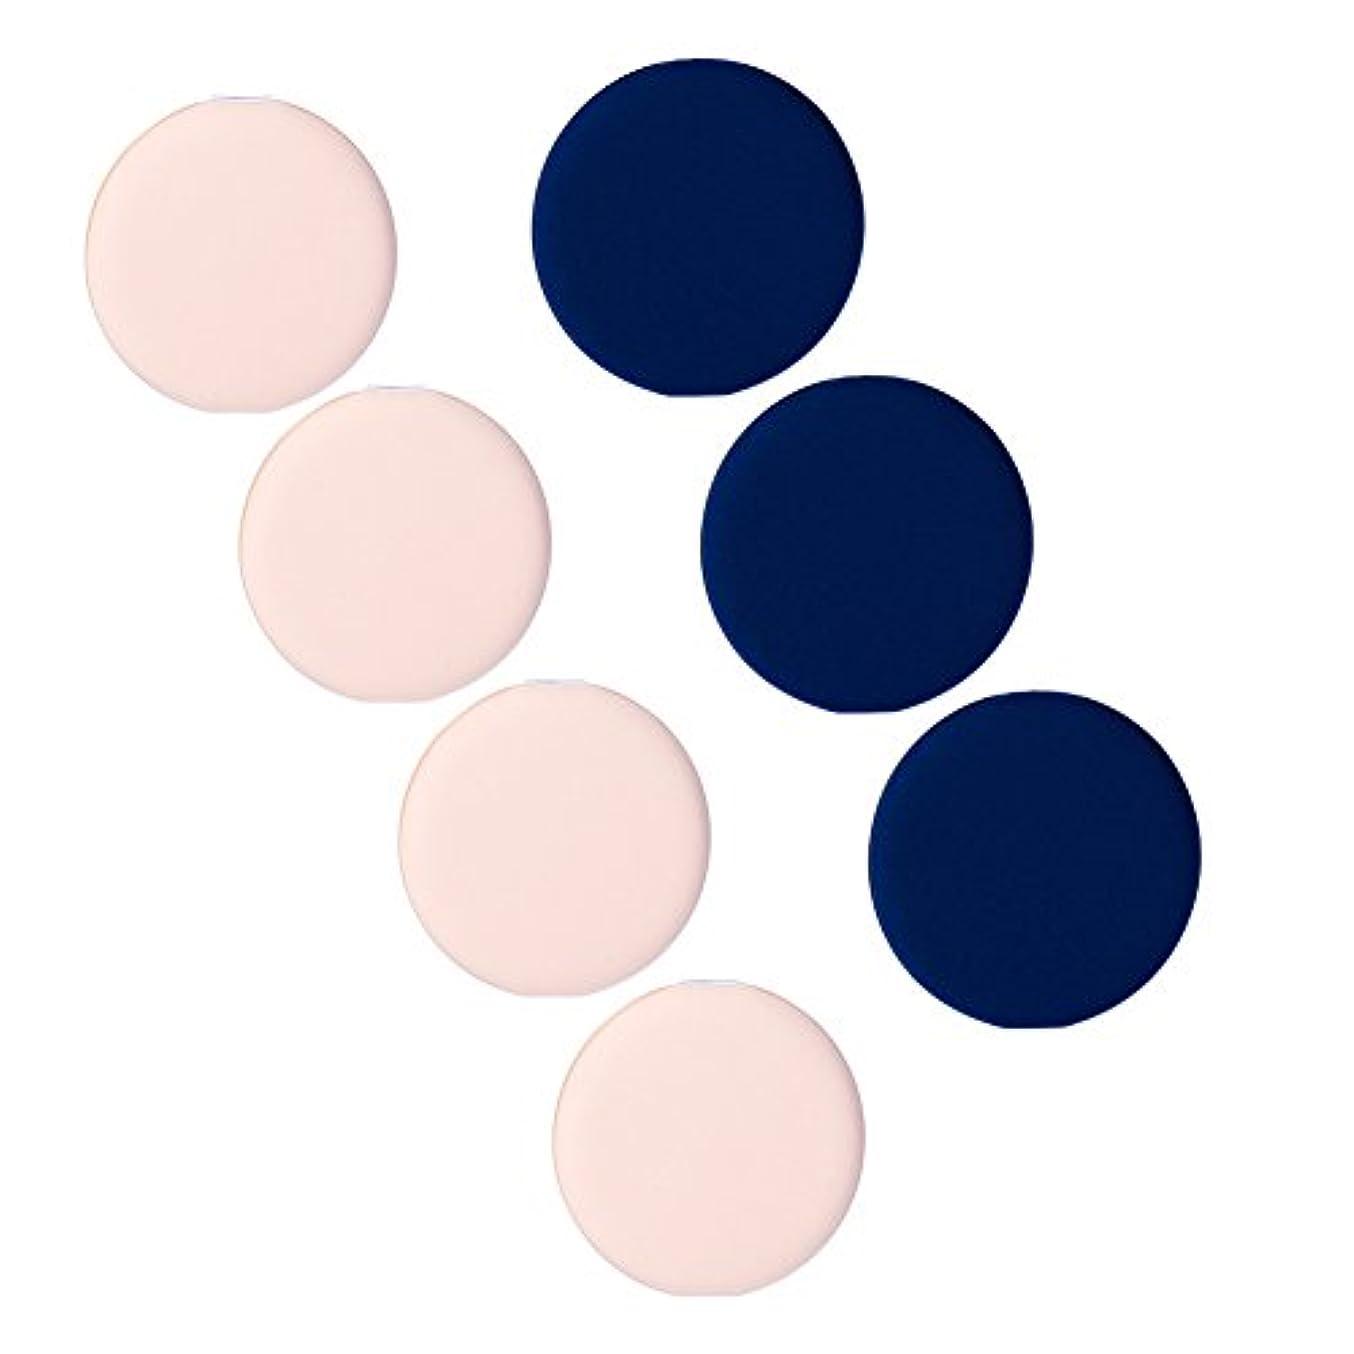 トリクル流用するヒロイック7個/セット ミニメイクアップ  パウダーファンデーション BBクリームエアクッションパフ  化粧品用具